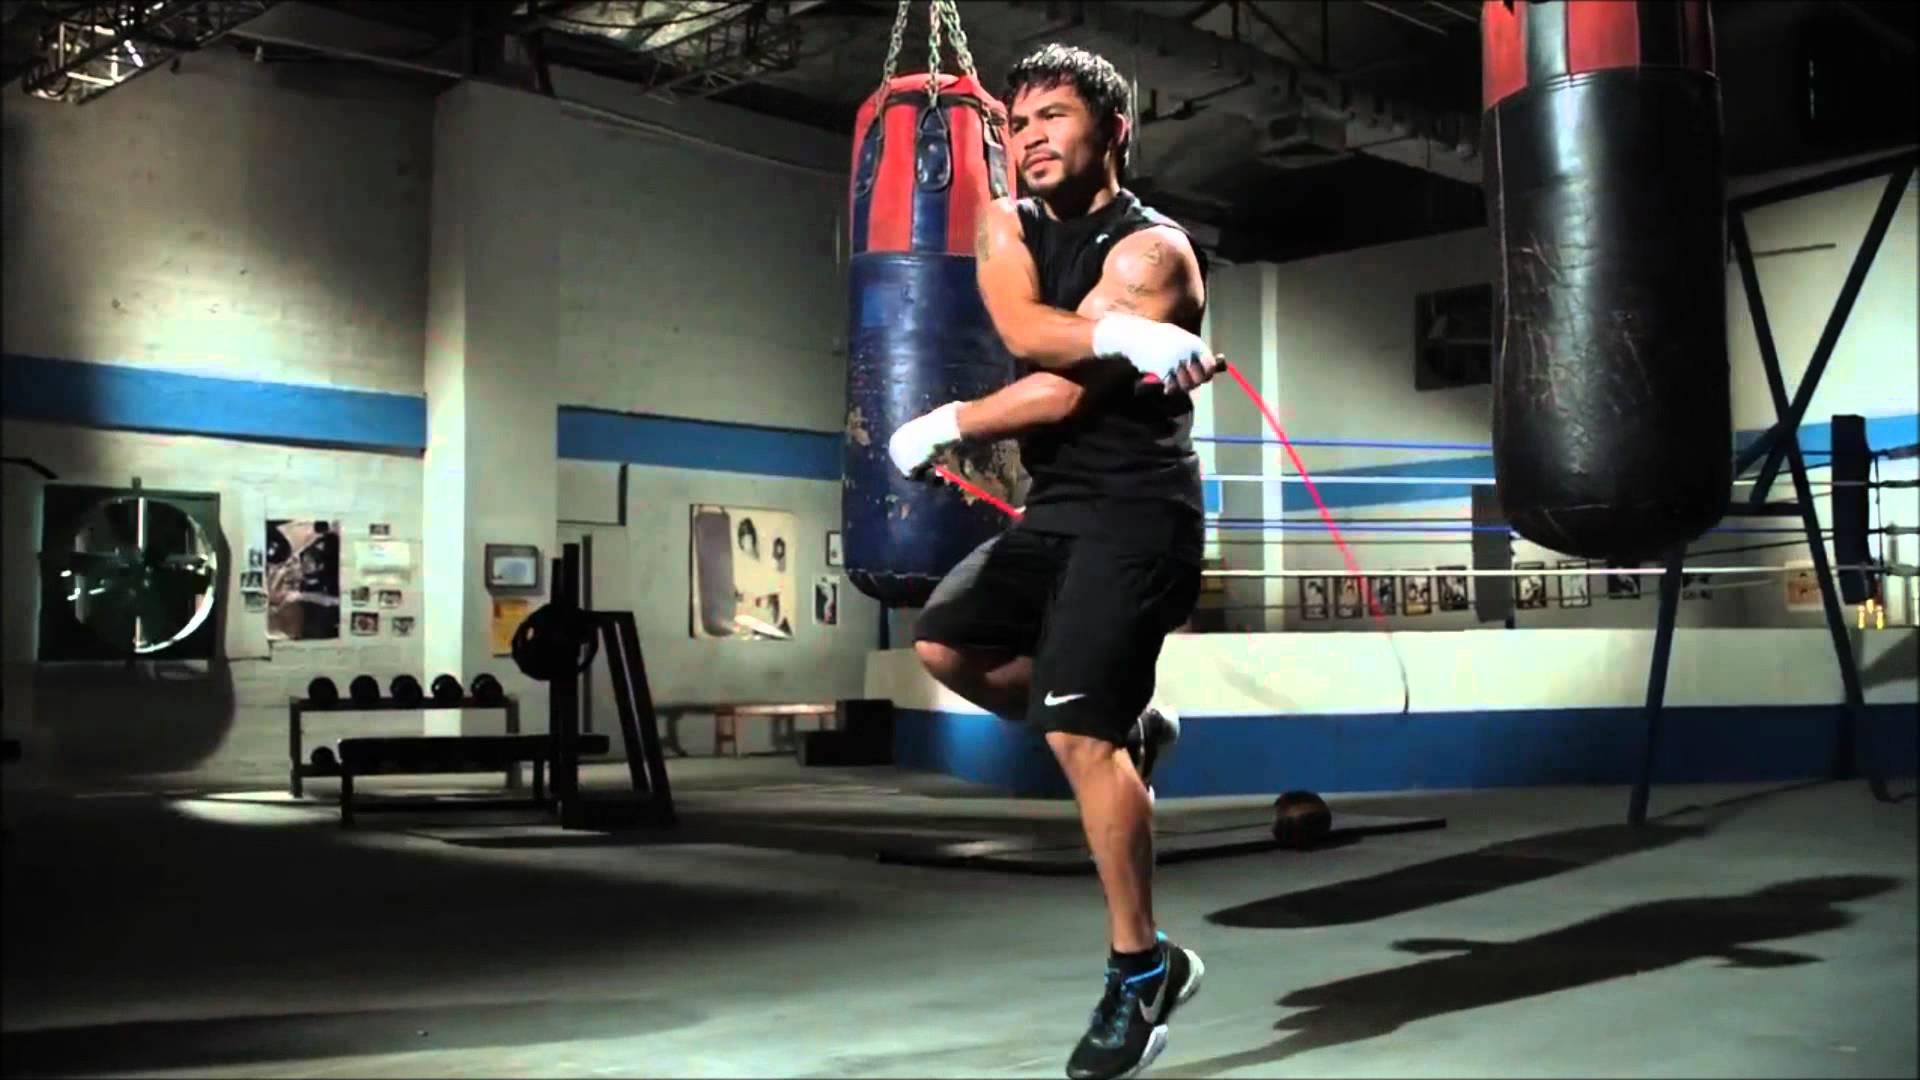 Nhảy dây bài luyện tập quen thuộc cho vận động viên võ thuật